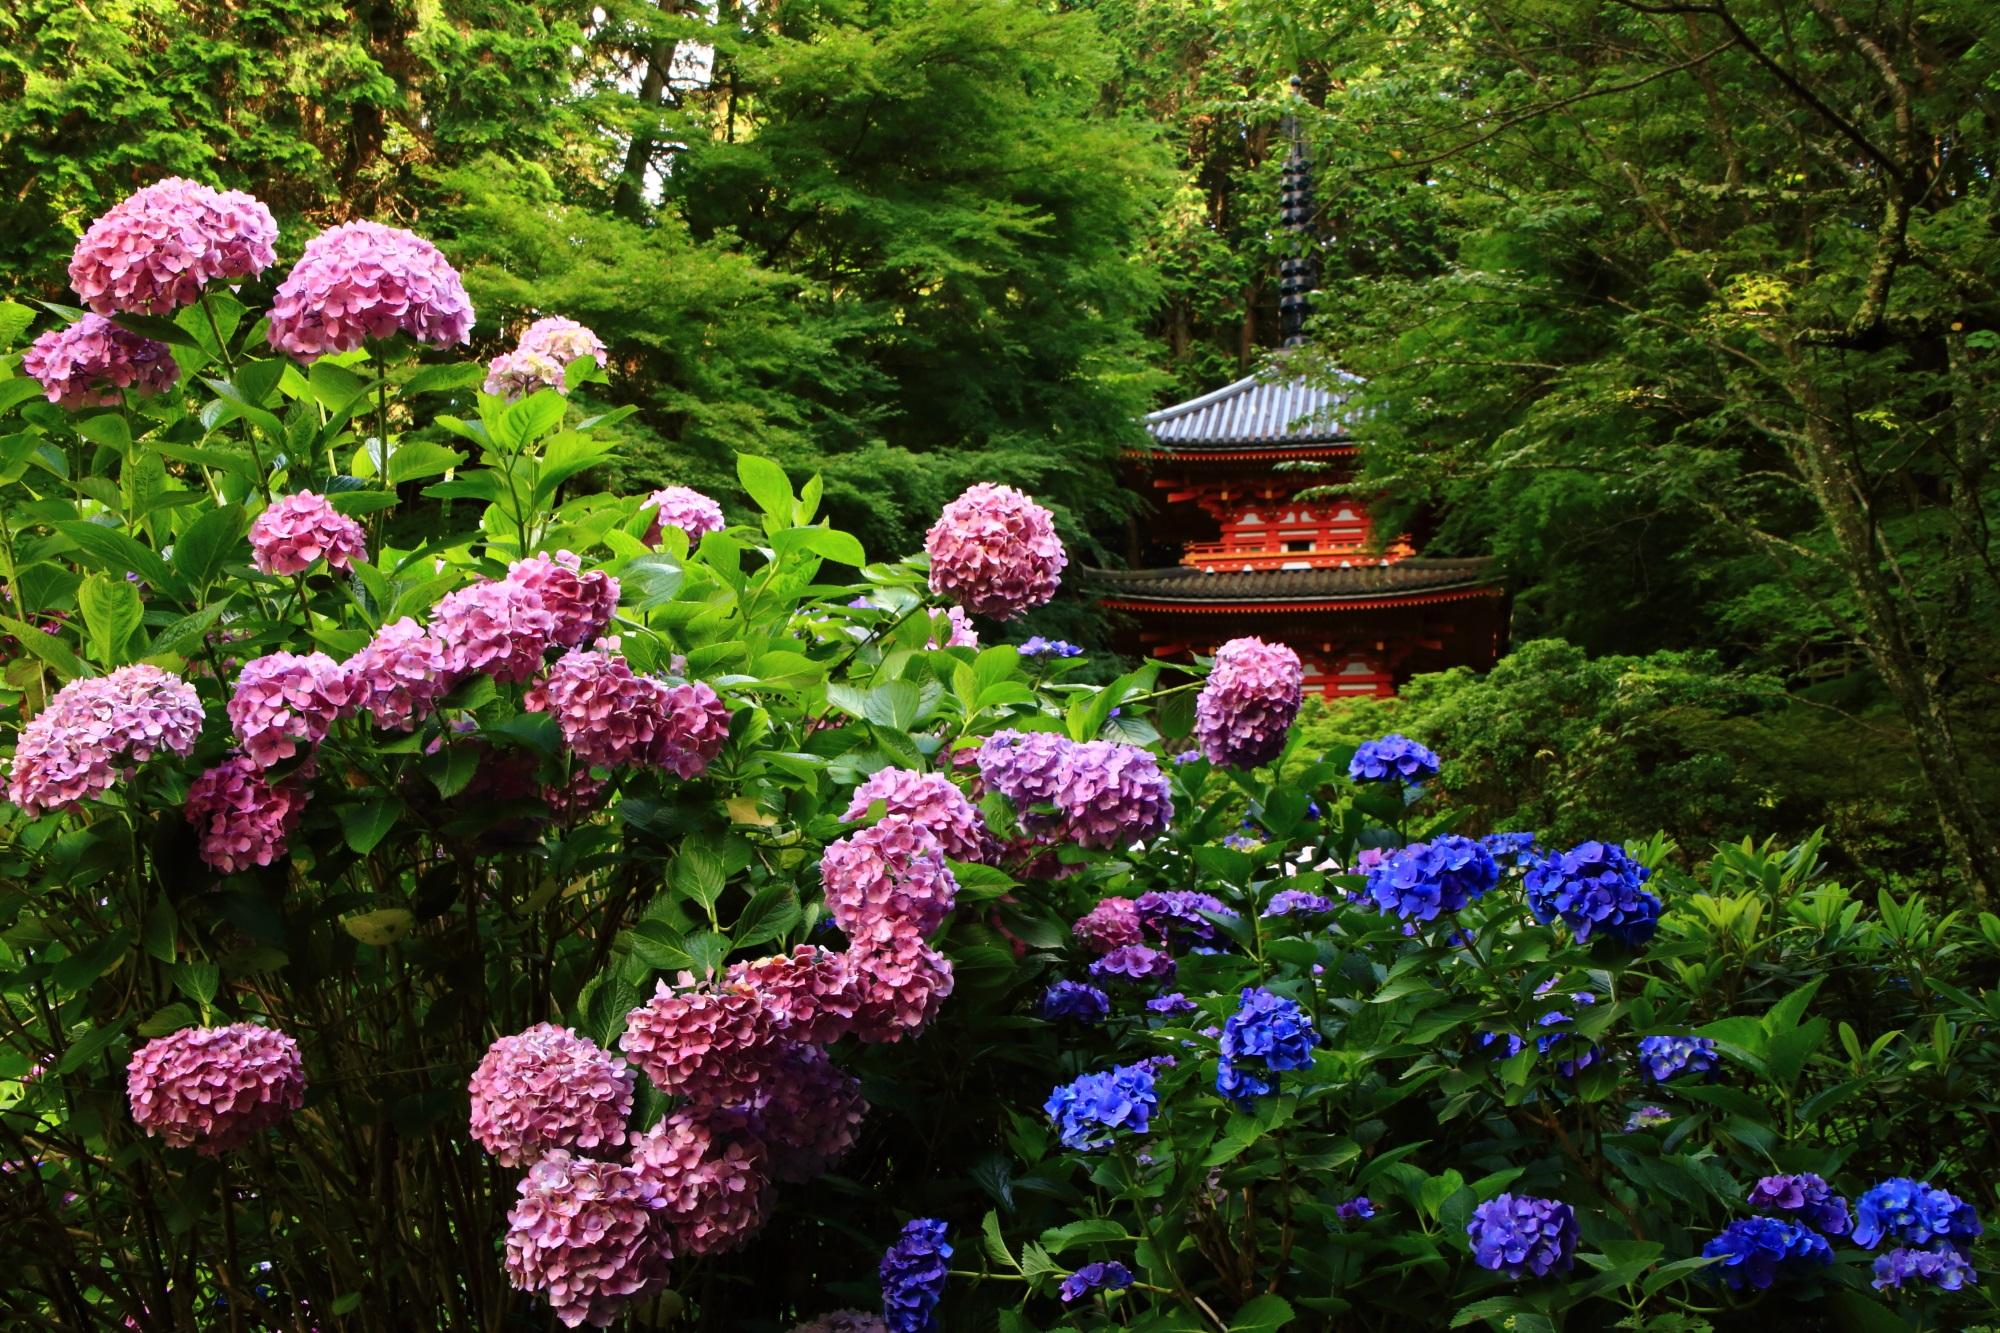 岩船寺の素晴らしすぎる紫陽花と初夏の情景